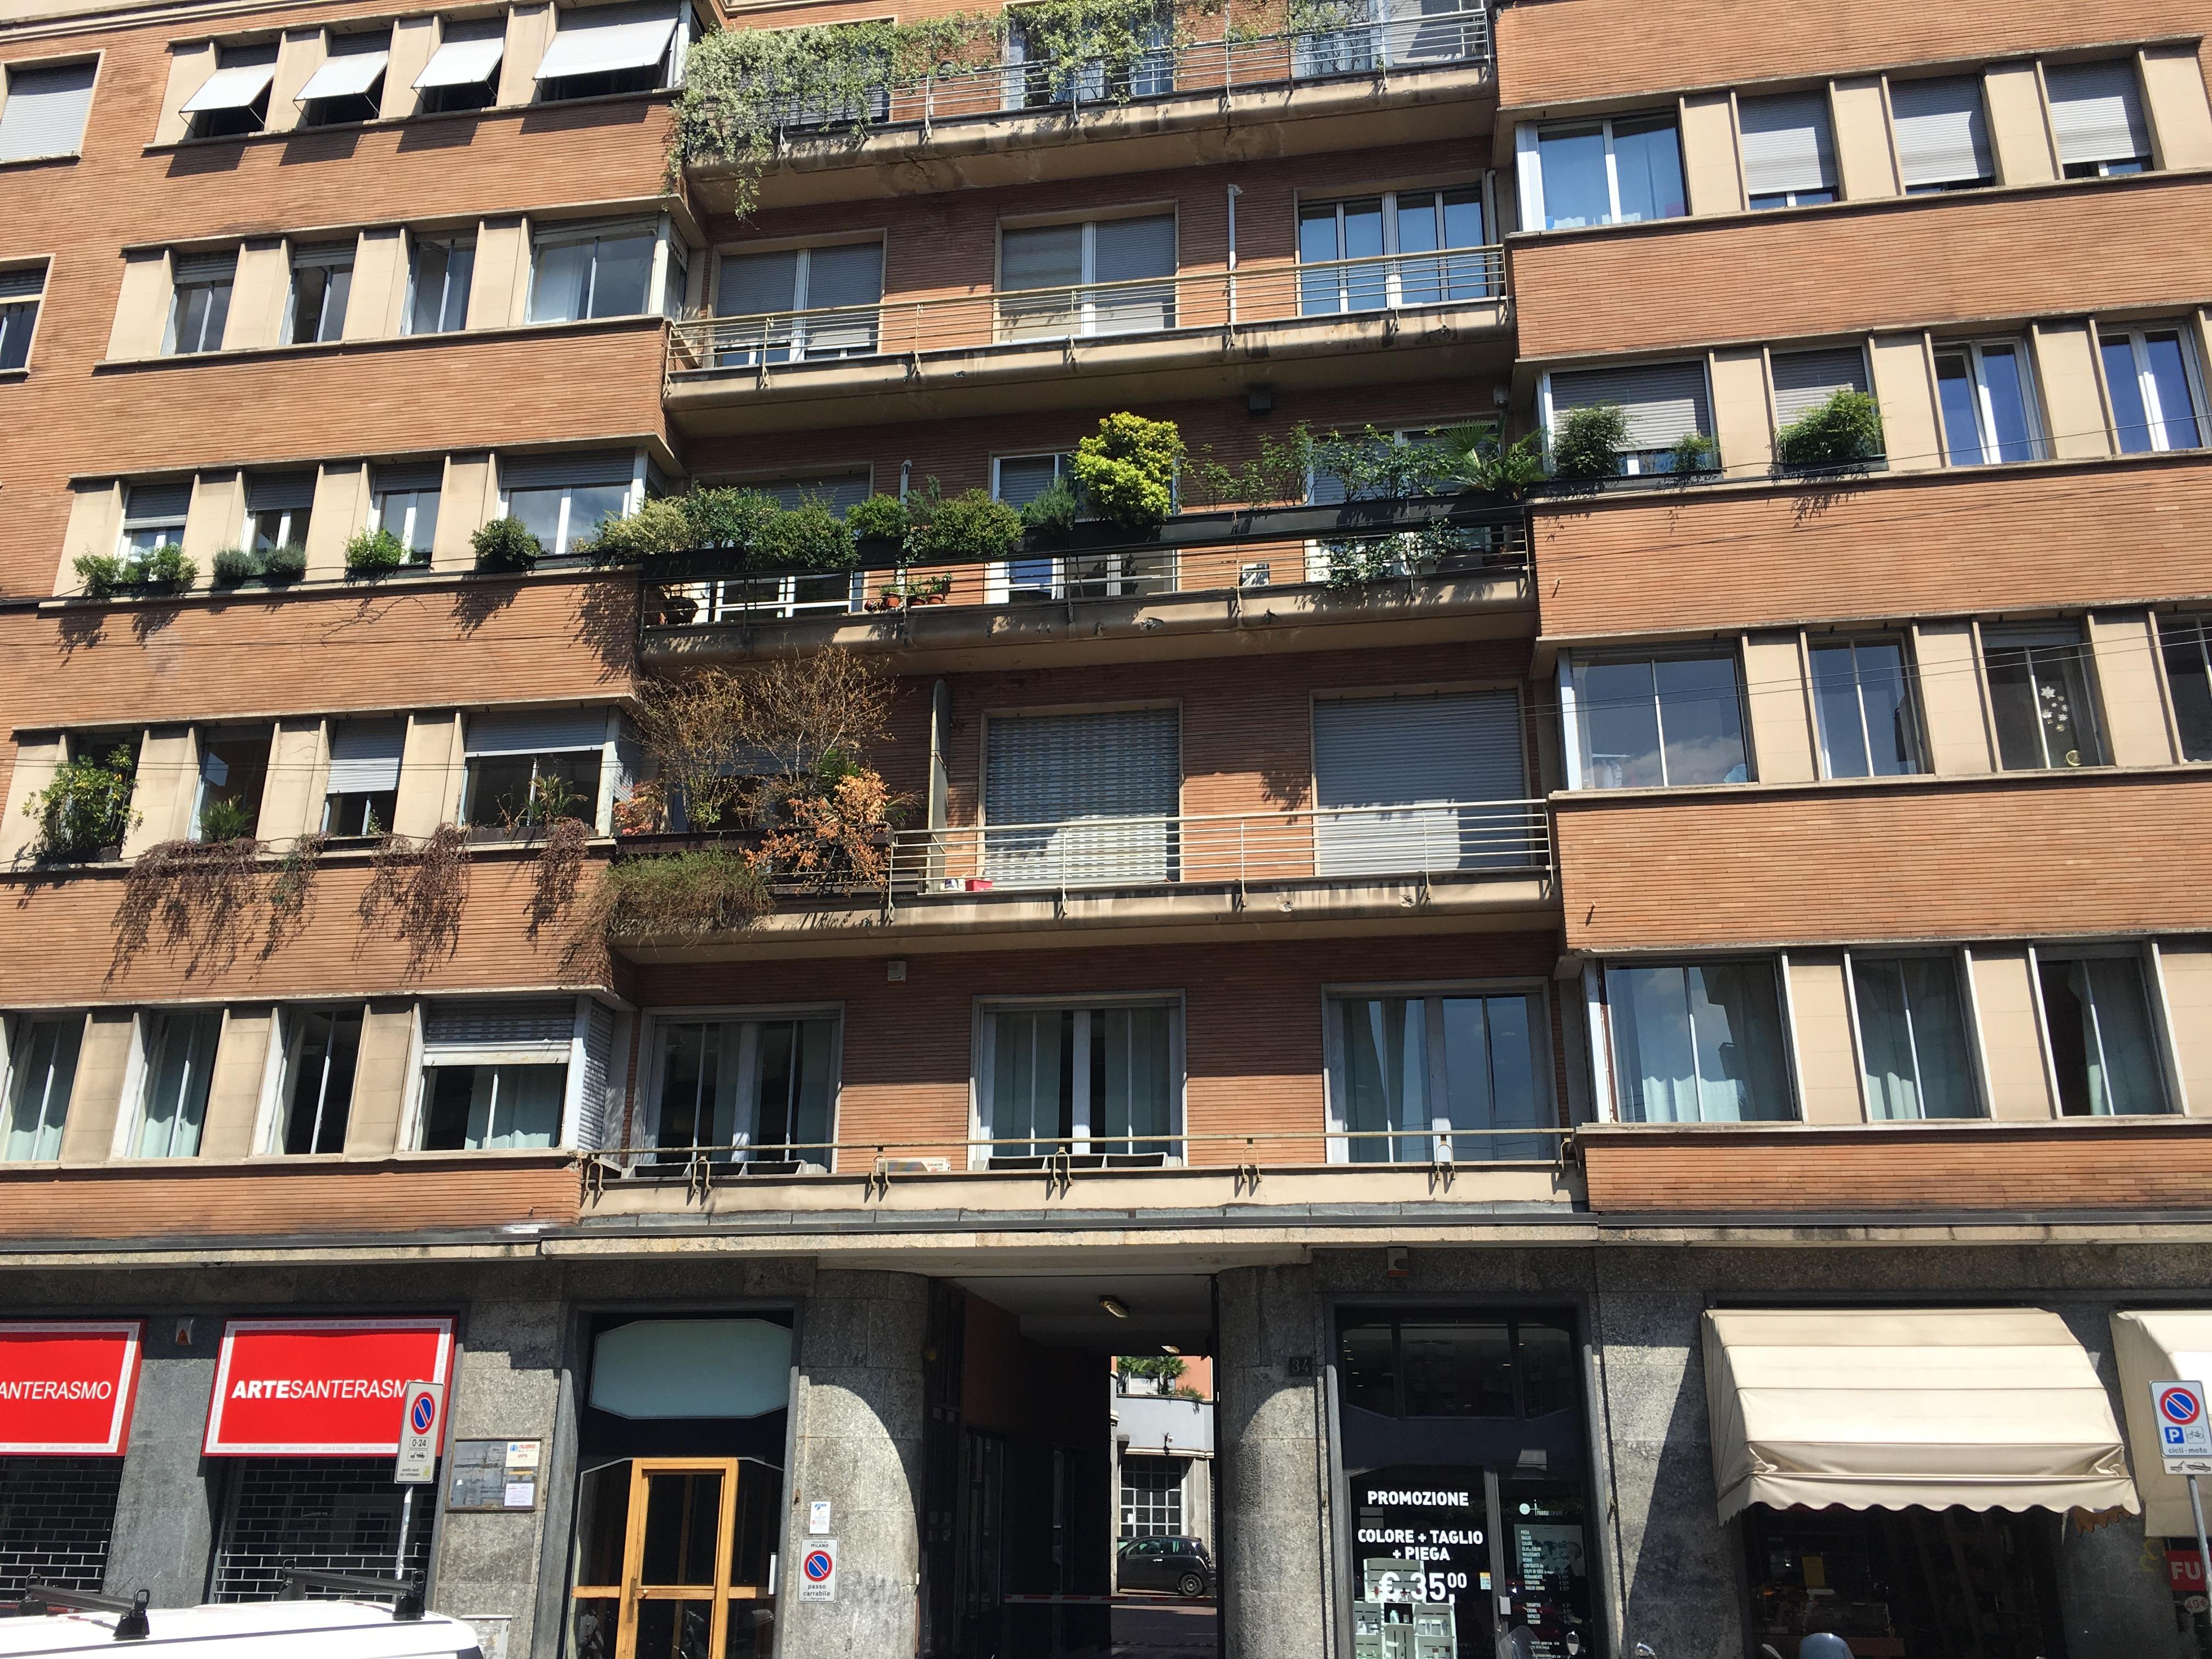 porta vittoria appartamento stupendo ristrutturato milano immobiliare-01.JPG